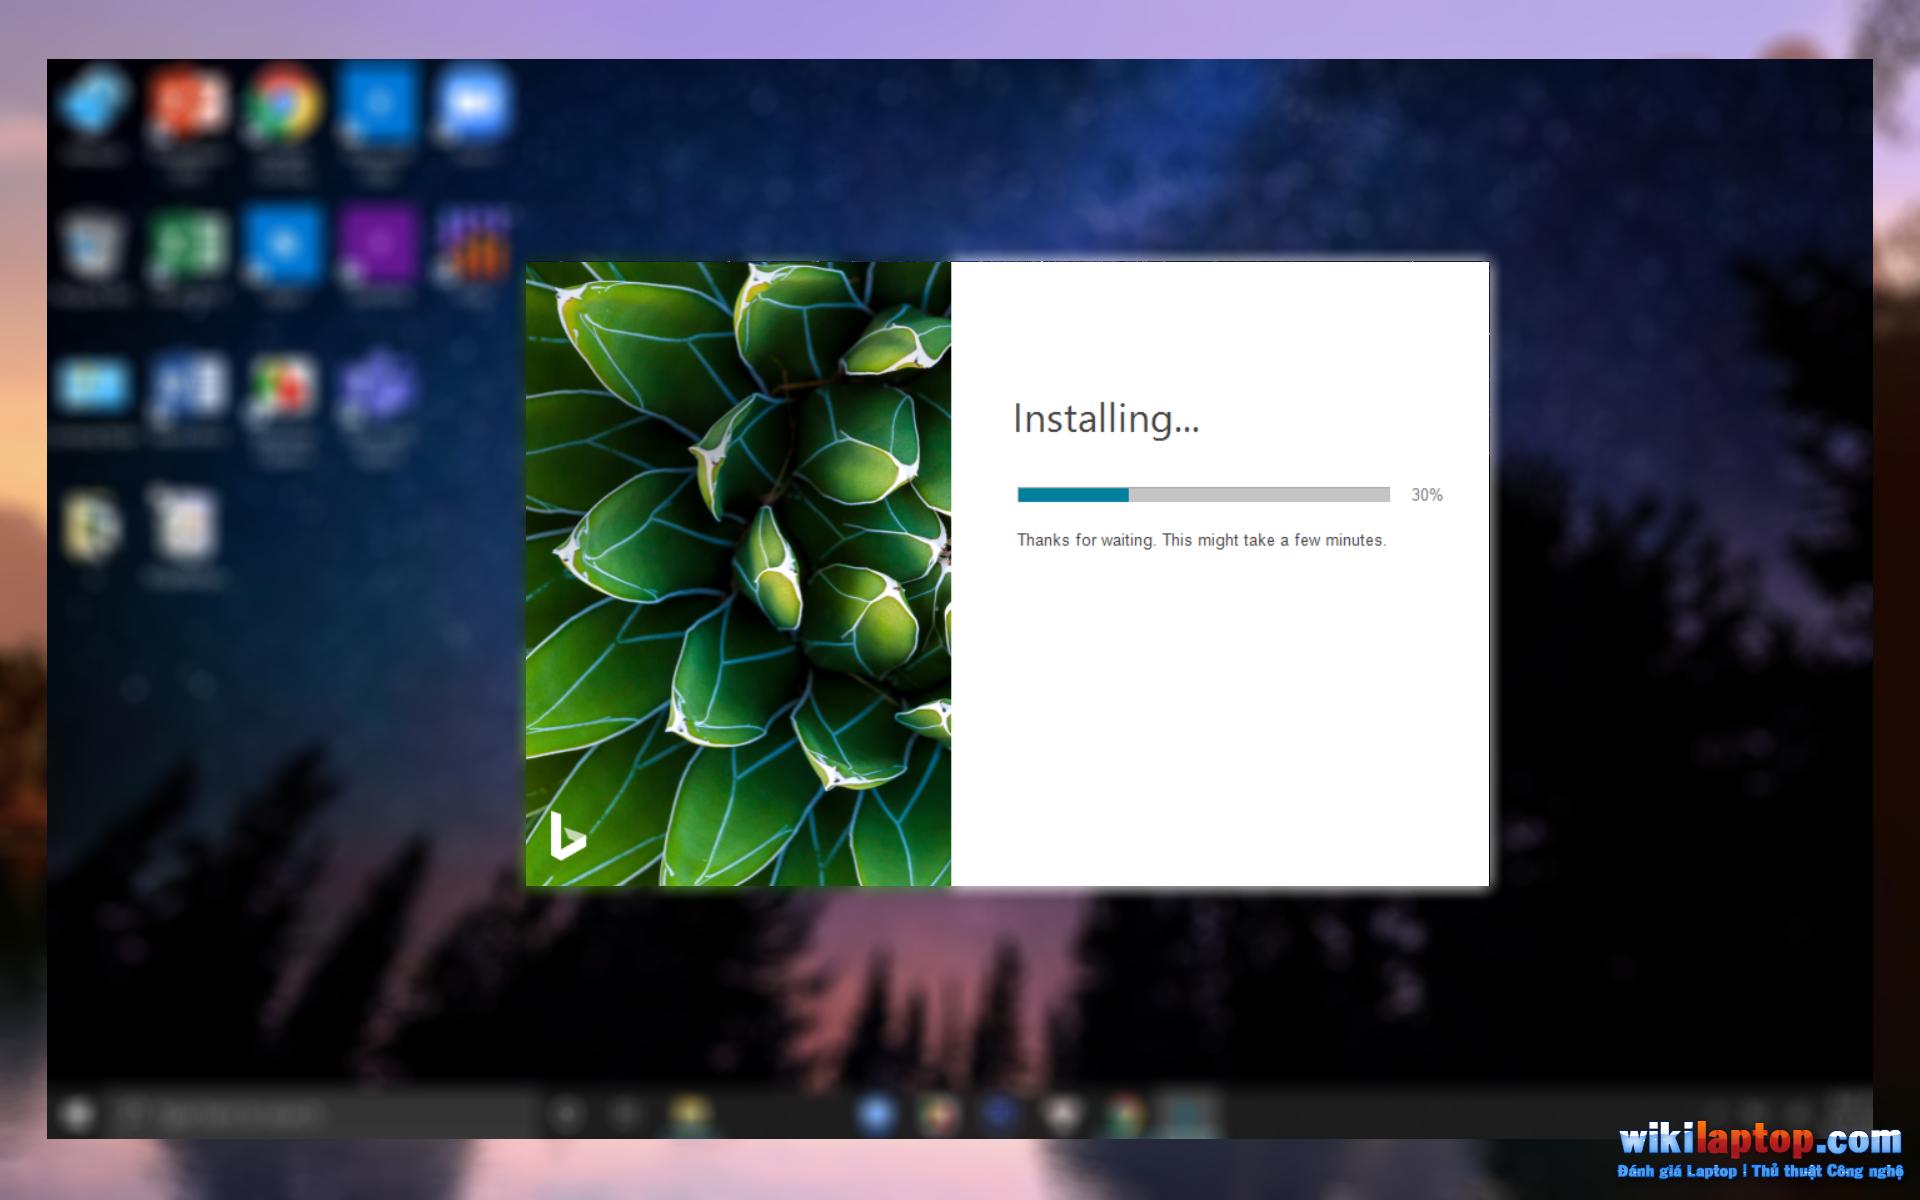 Sforum - Thay đổi trang thông tin công nghệ mới nhất-desktop-hình nền-ngay lập tức với Bing-Wallpaper3 Cách tự động thay đổi hình nền máy tính để bàn thông qua ứng dụng Hình nền Bing